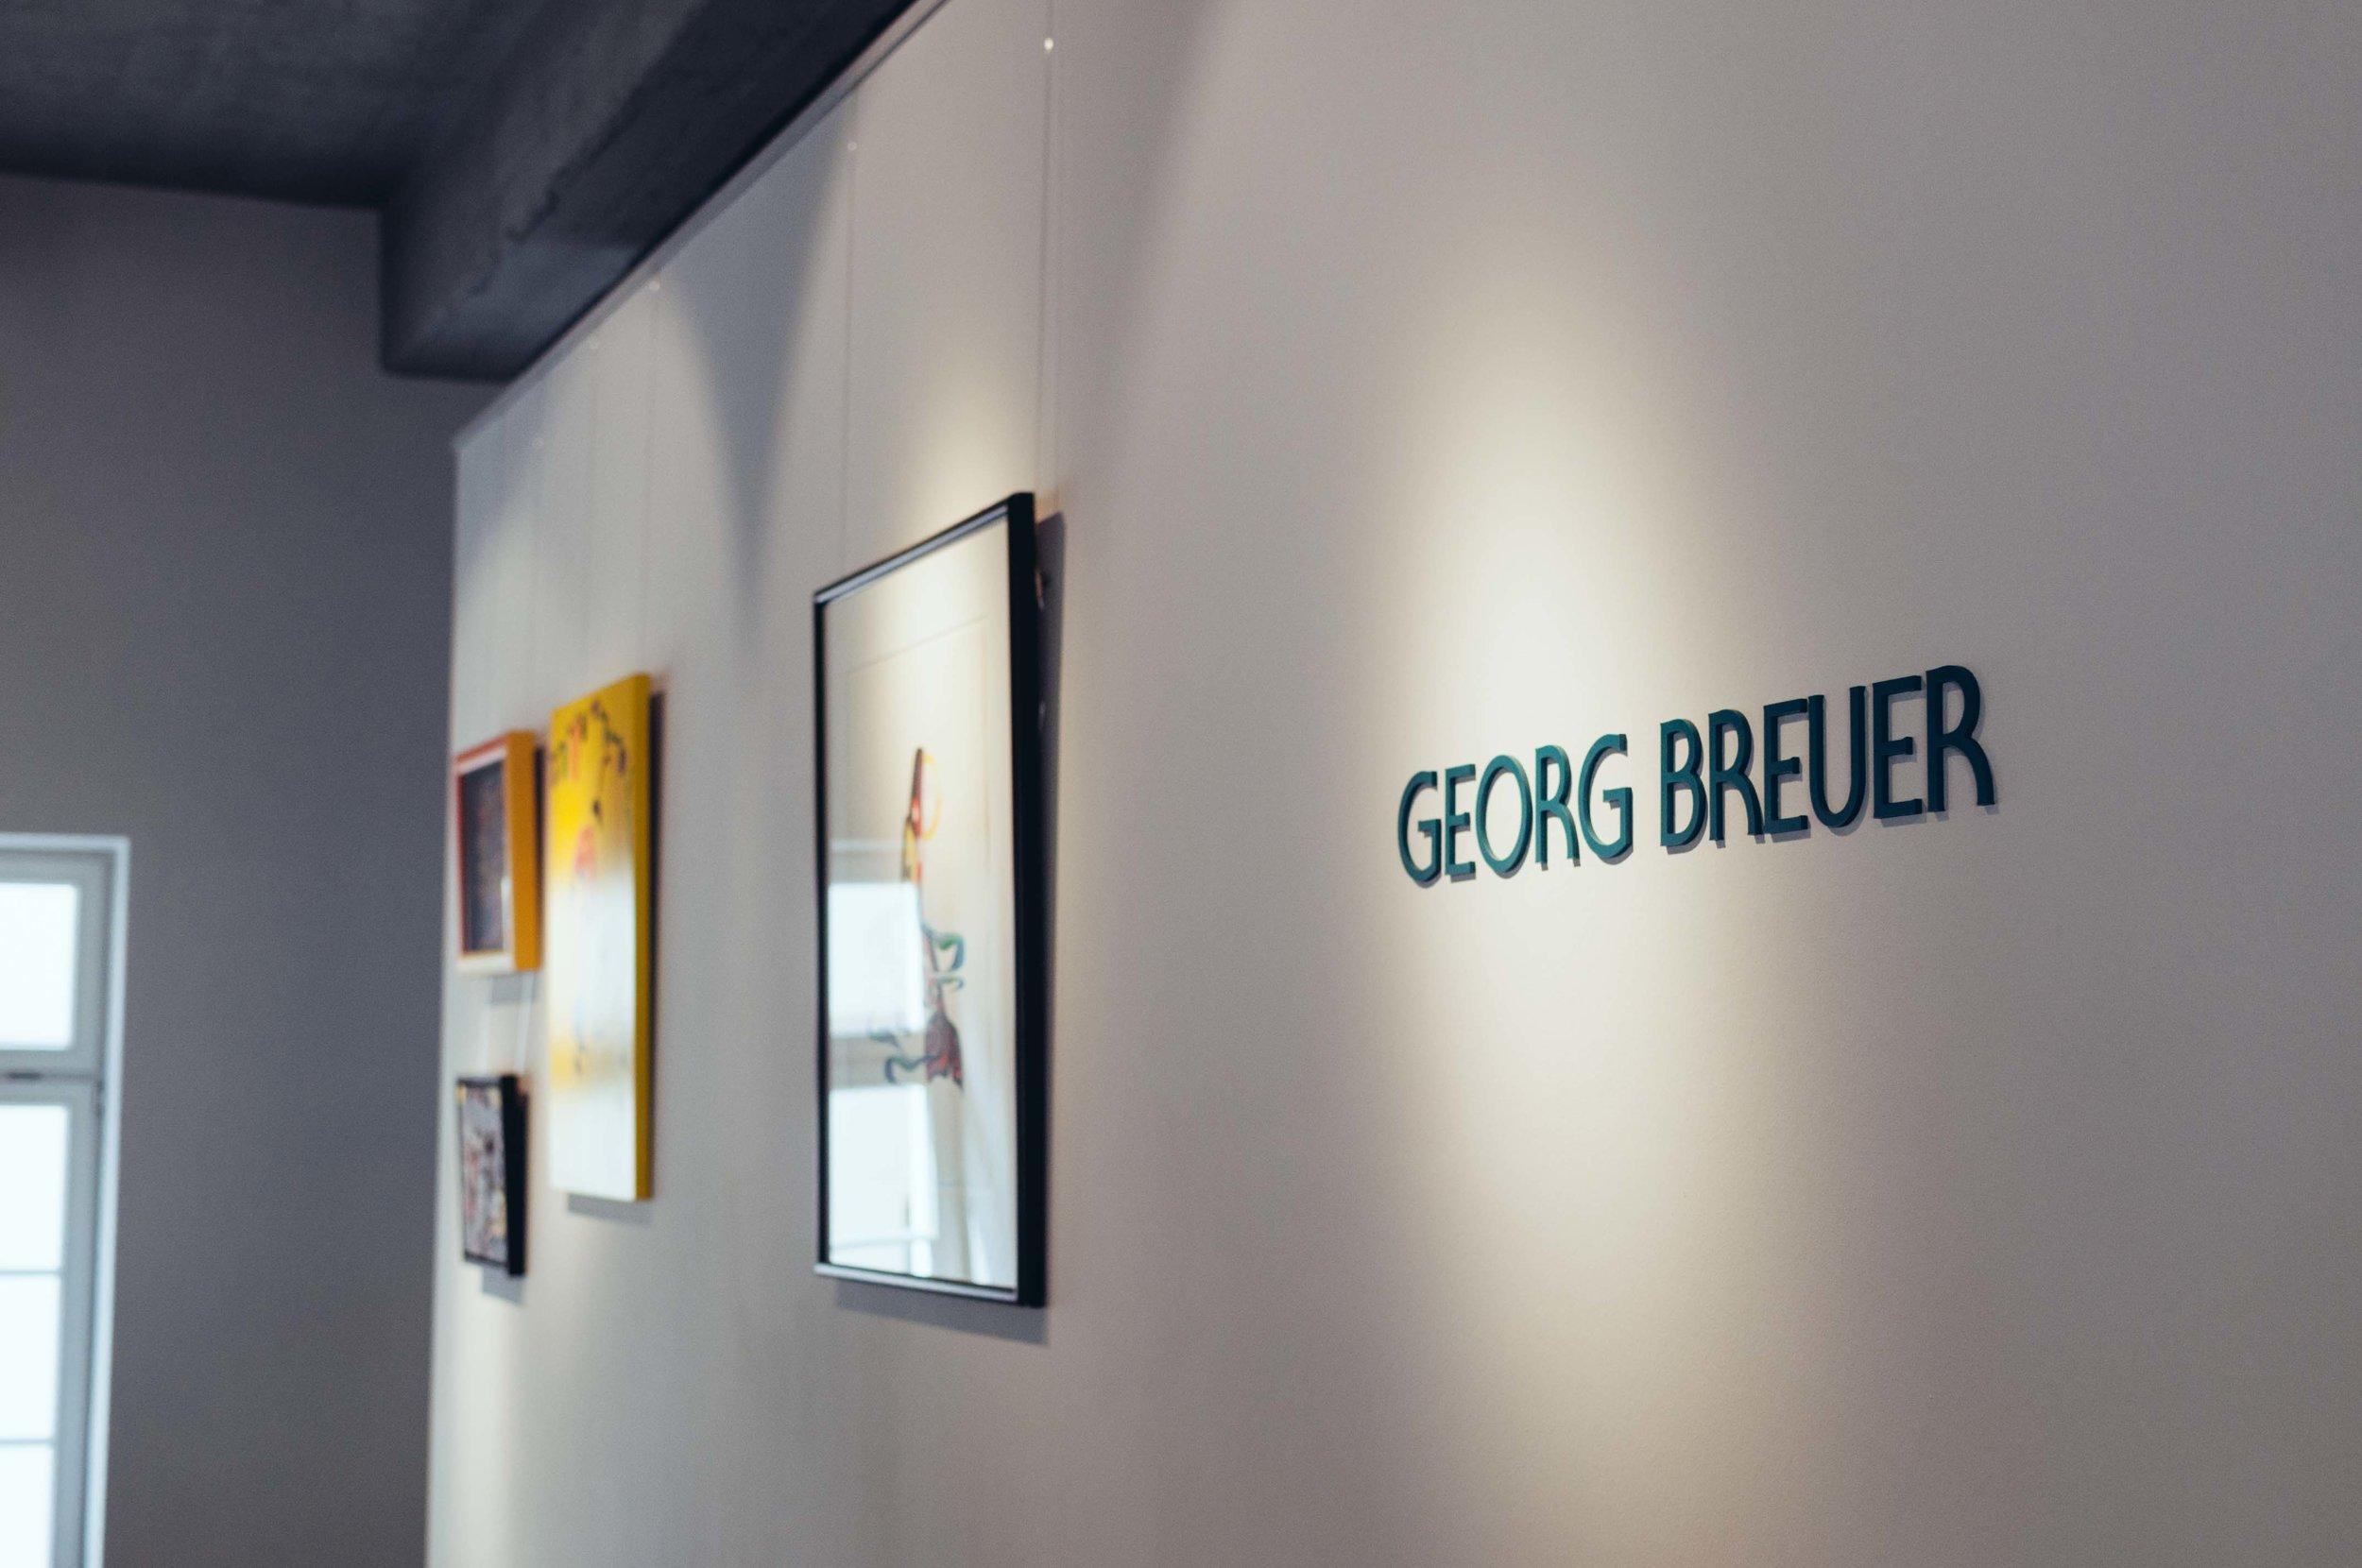 Riesling-Hero-Georg-Breuer-9090.jpg